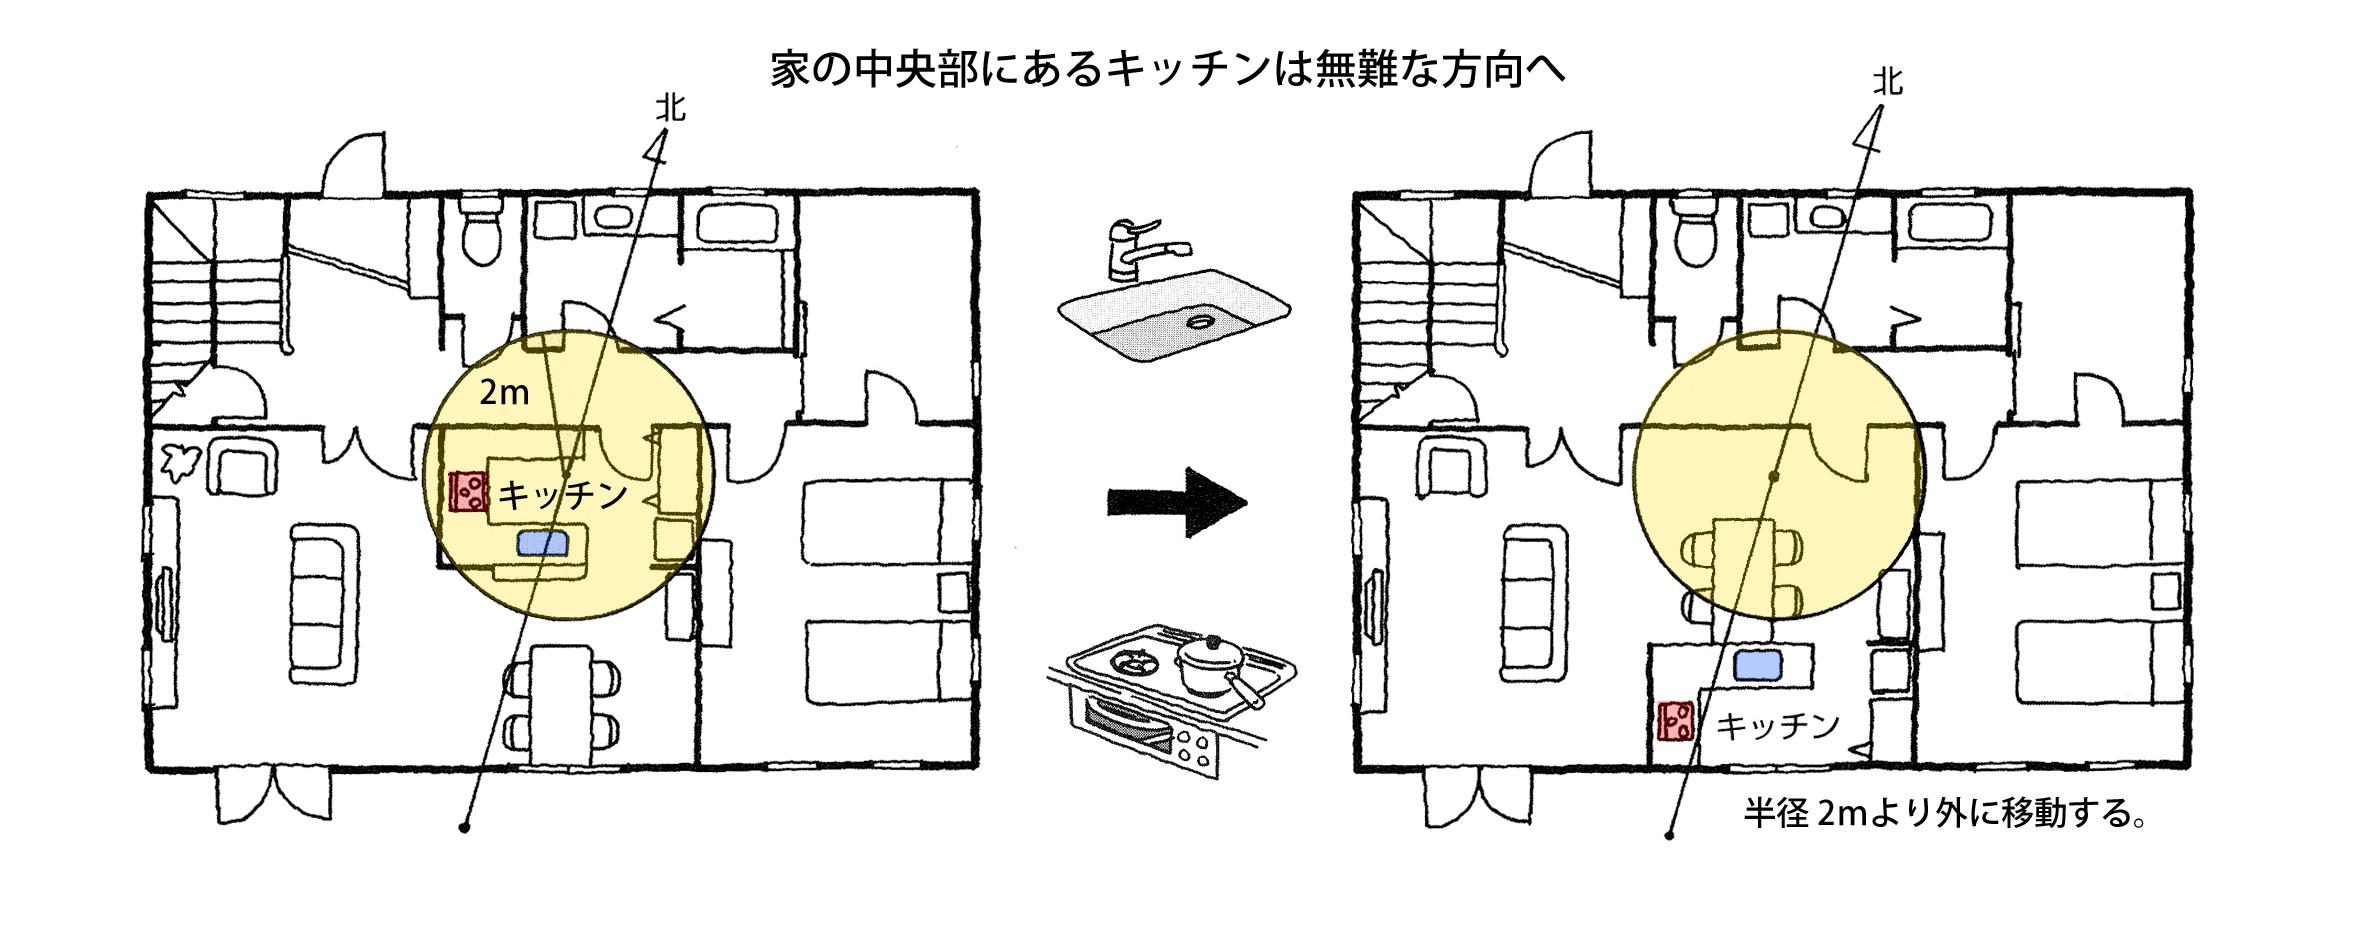 【家相リフォームのススメ―7】キッチン編①家の中央部にあるキッチンは大凶相。半径2m以上外へ移動して無難家相に。